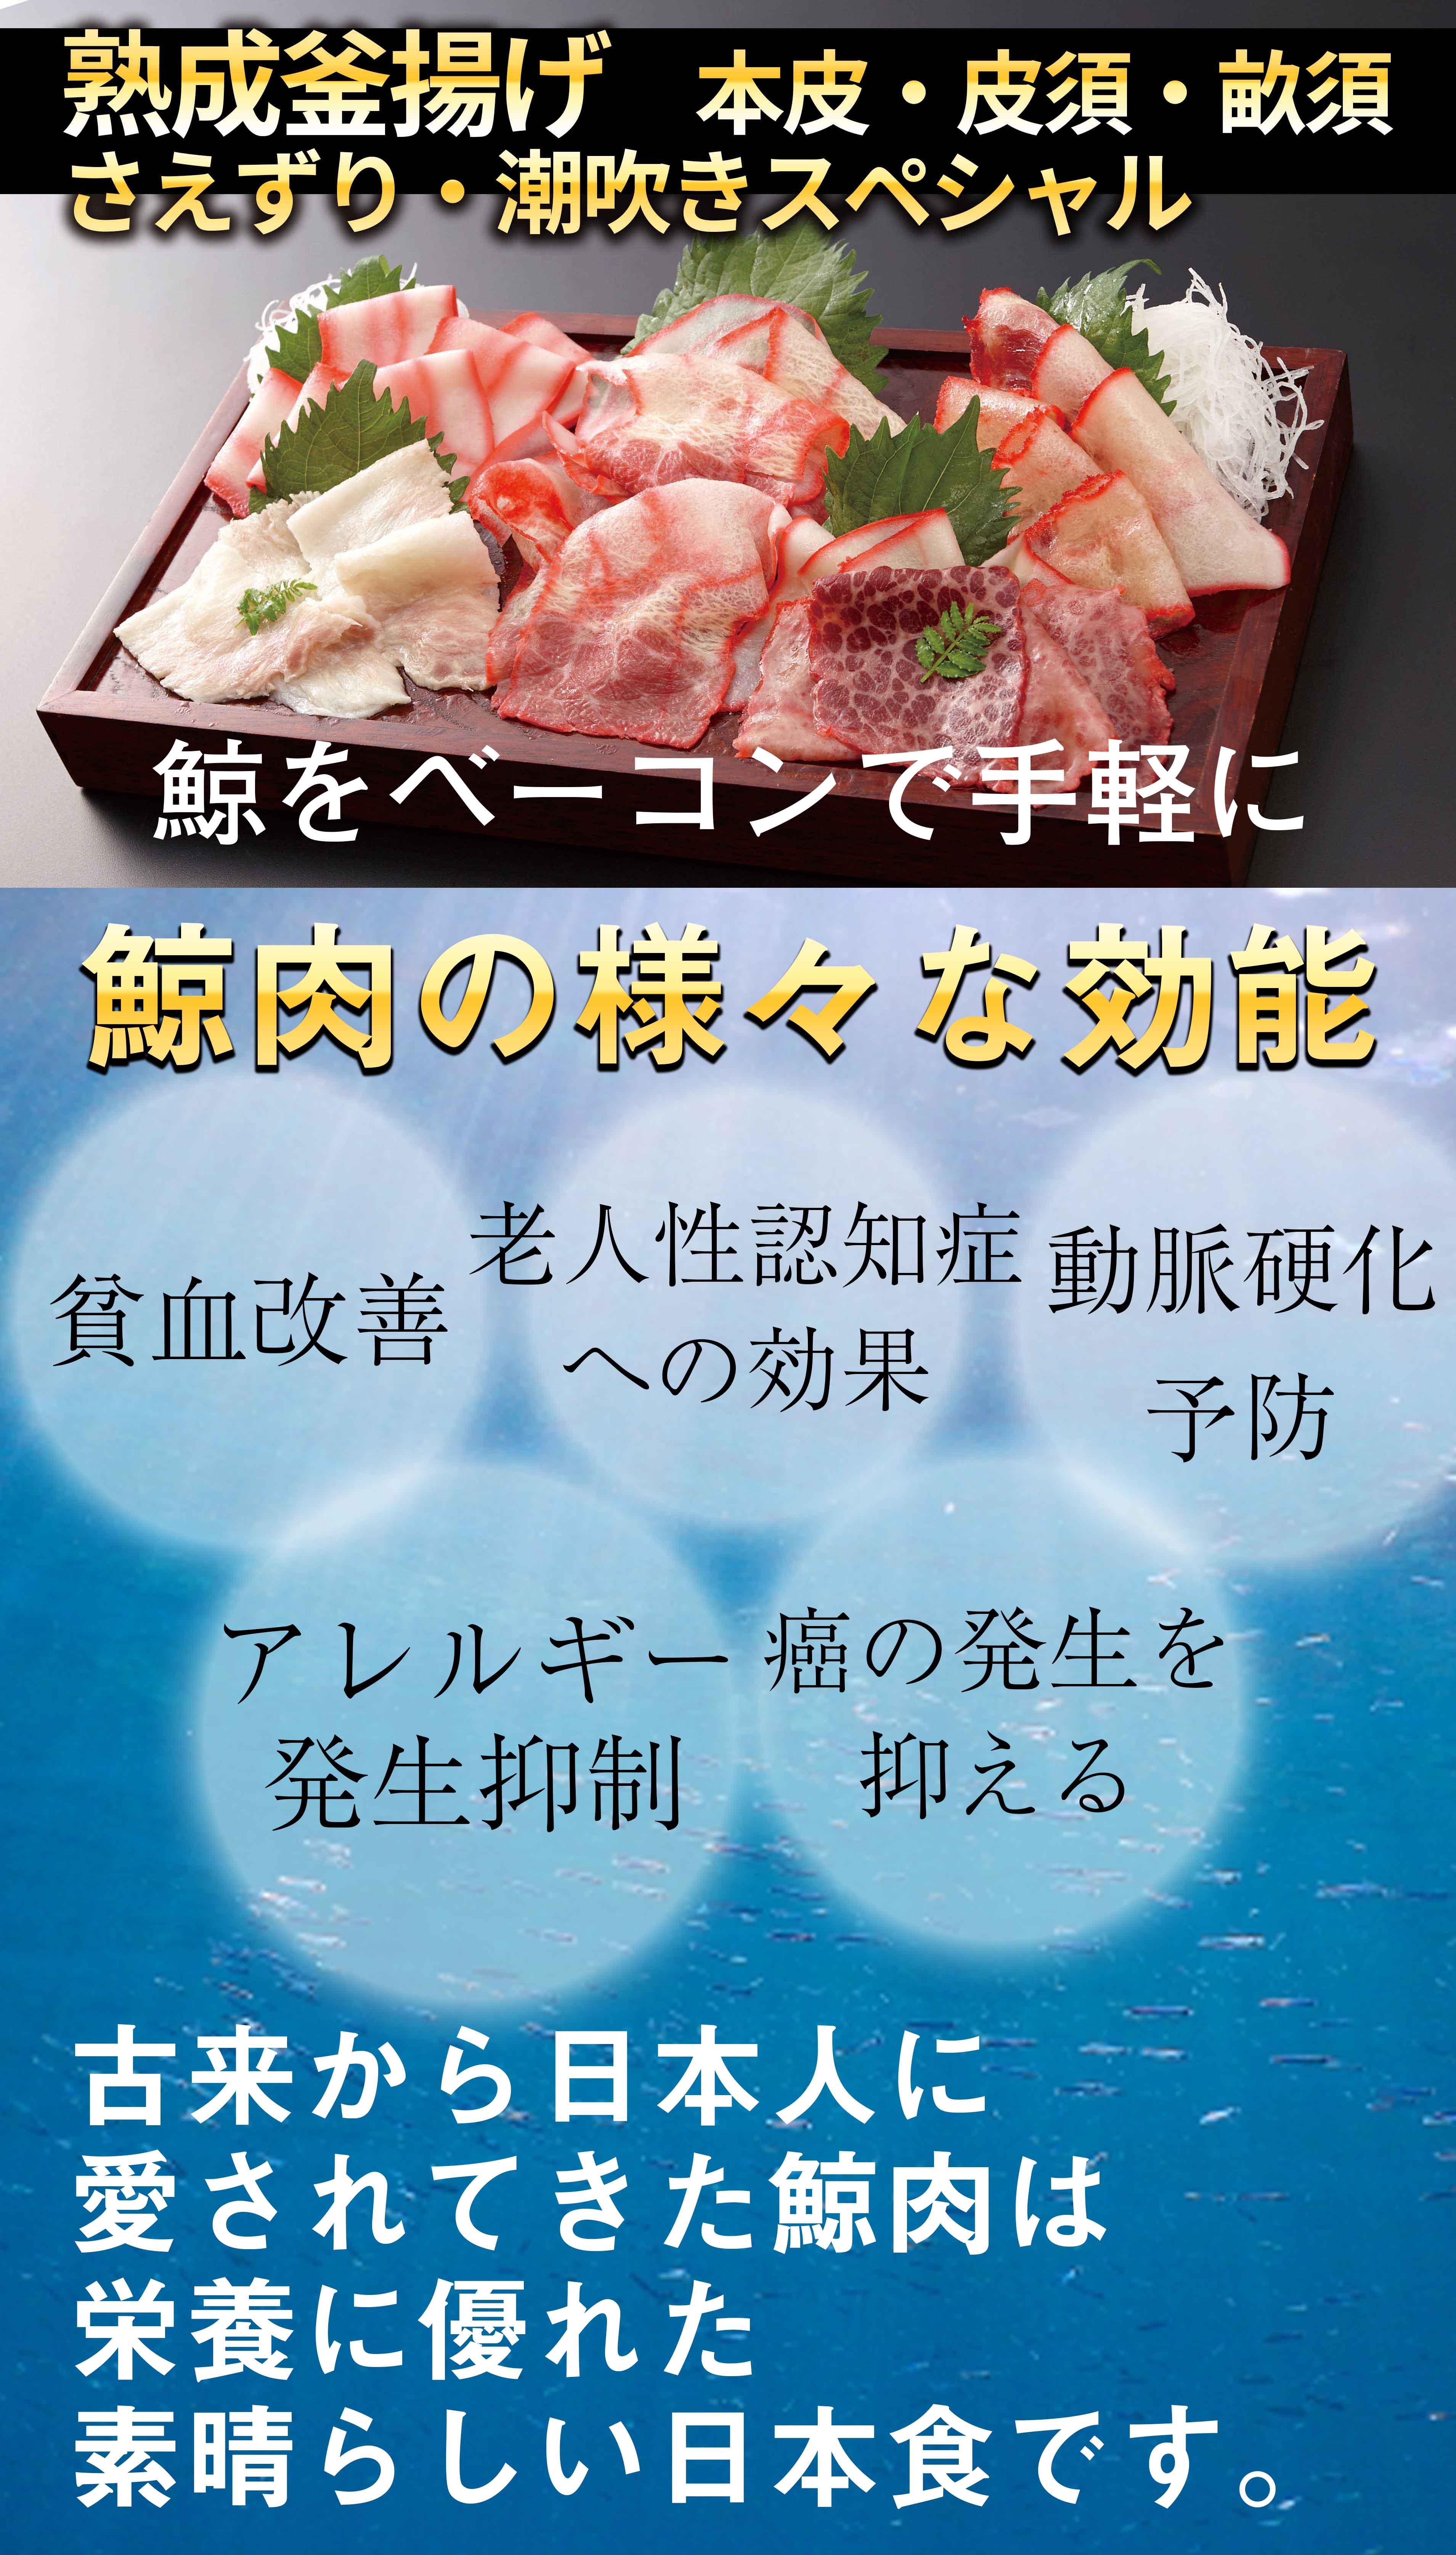 鯨ベーコン5種